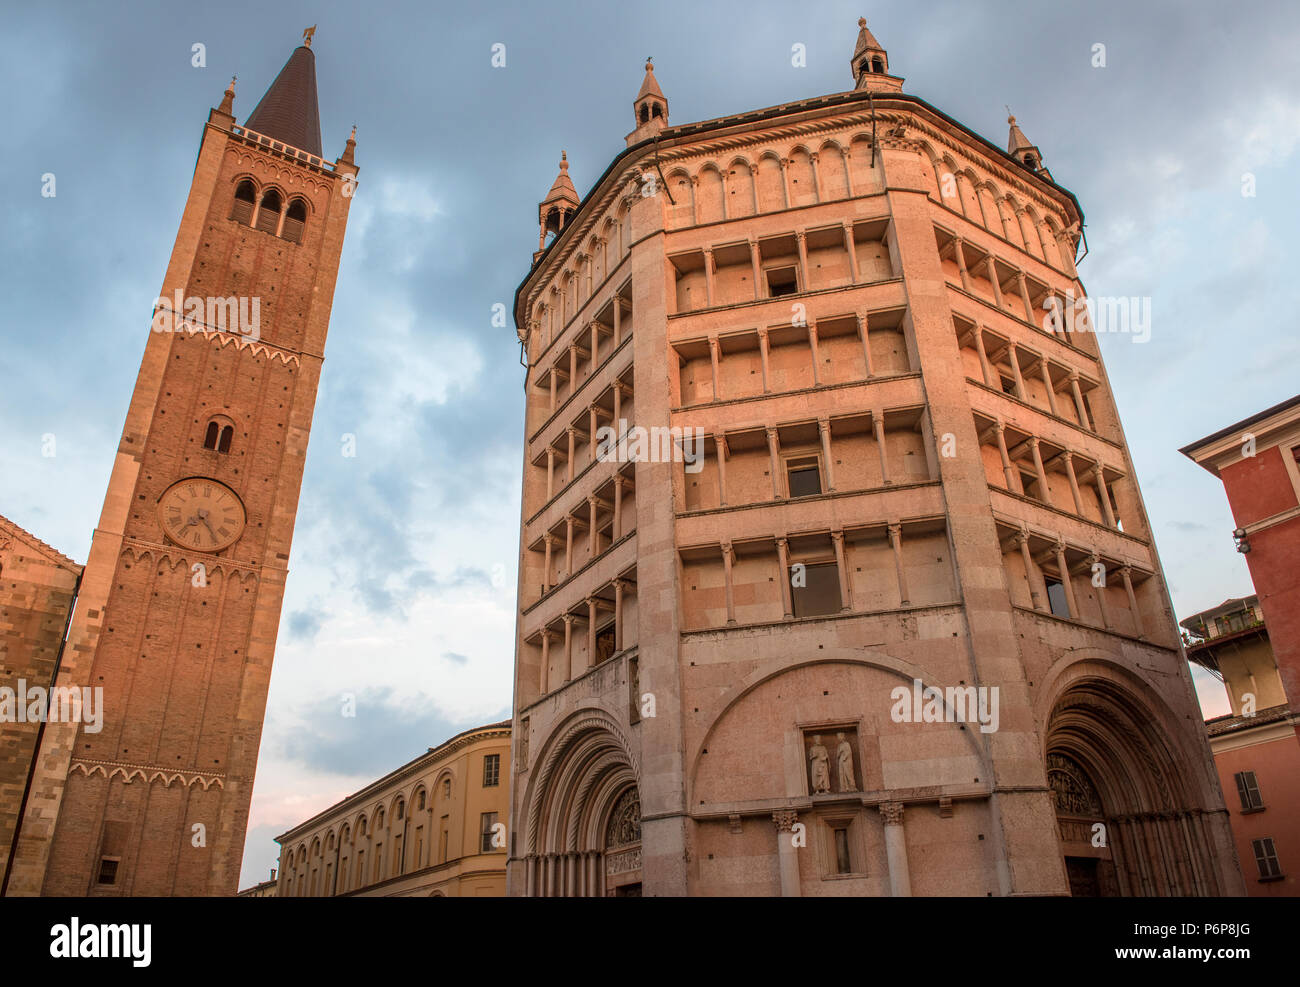 Baptistery, Parma, Italy. - Stock Image